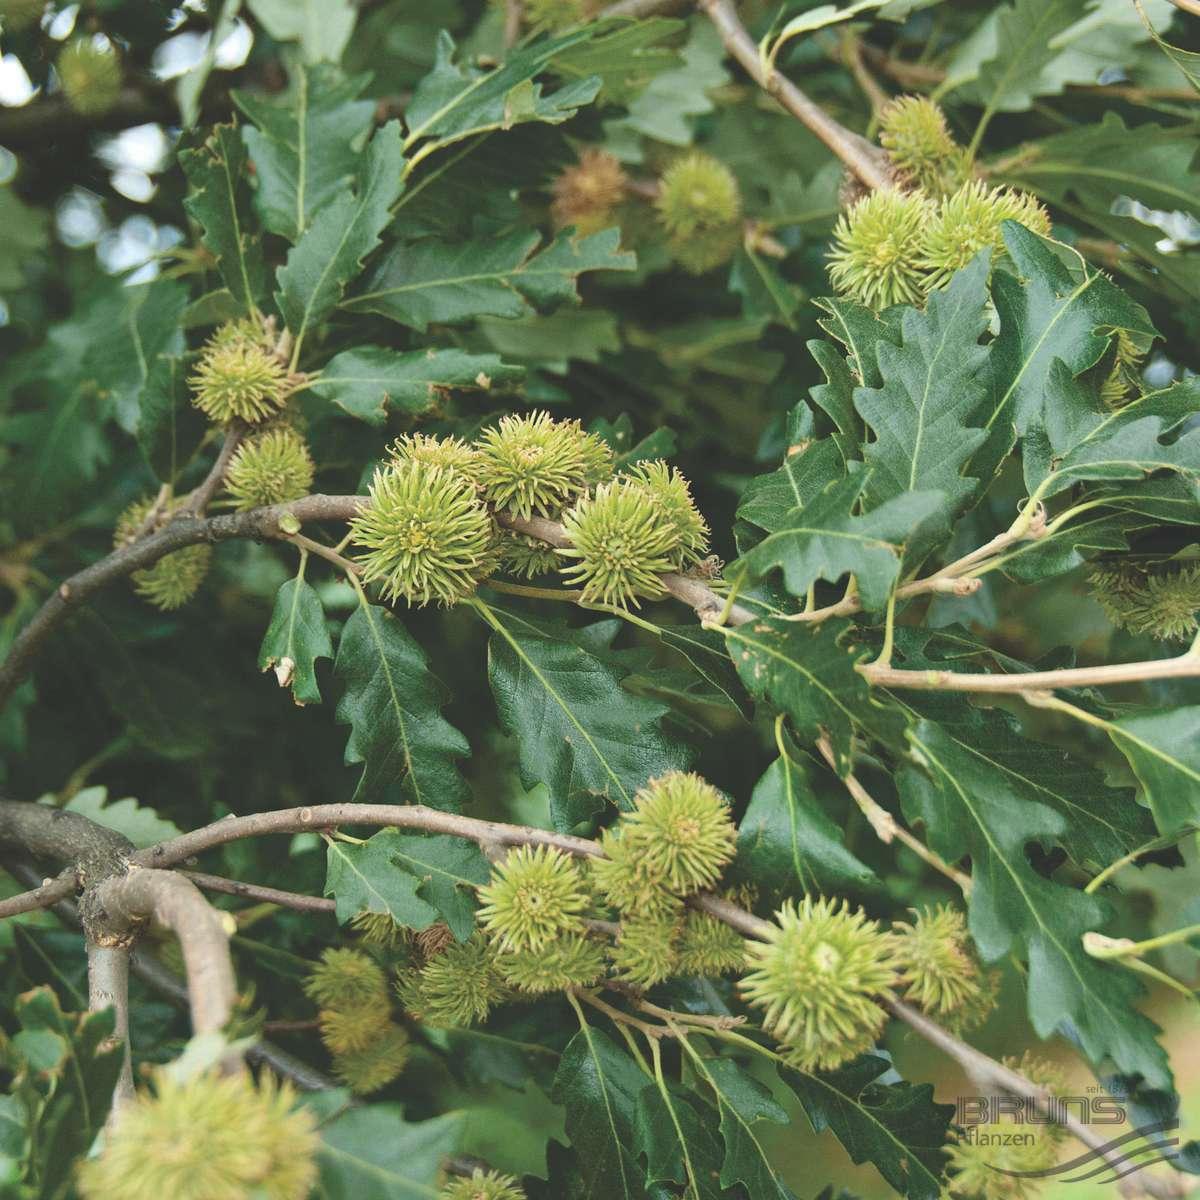 QUERCUS cerris L., Turkey oak.